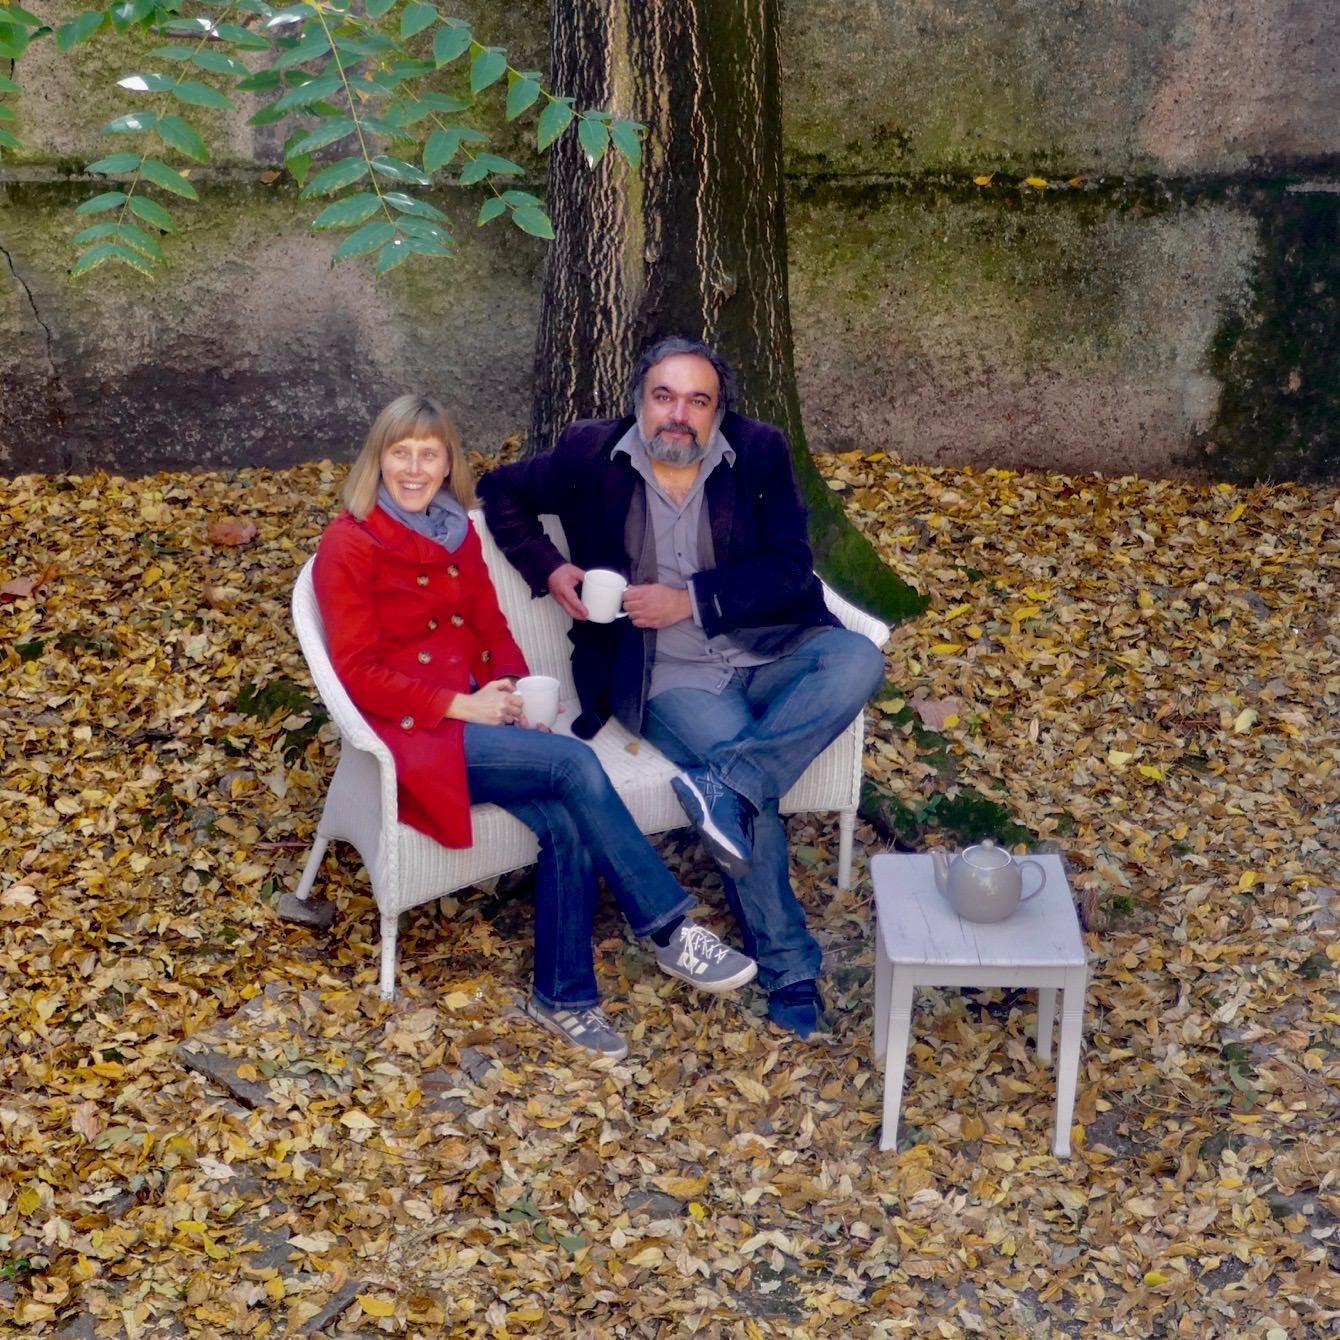 An einem Herbsttag in der Neckarstadt | Foto: Sven Loekito